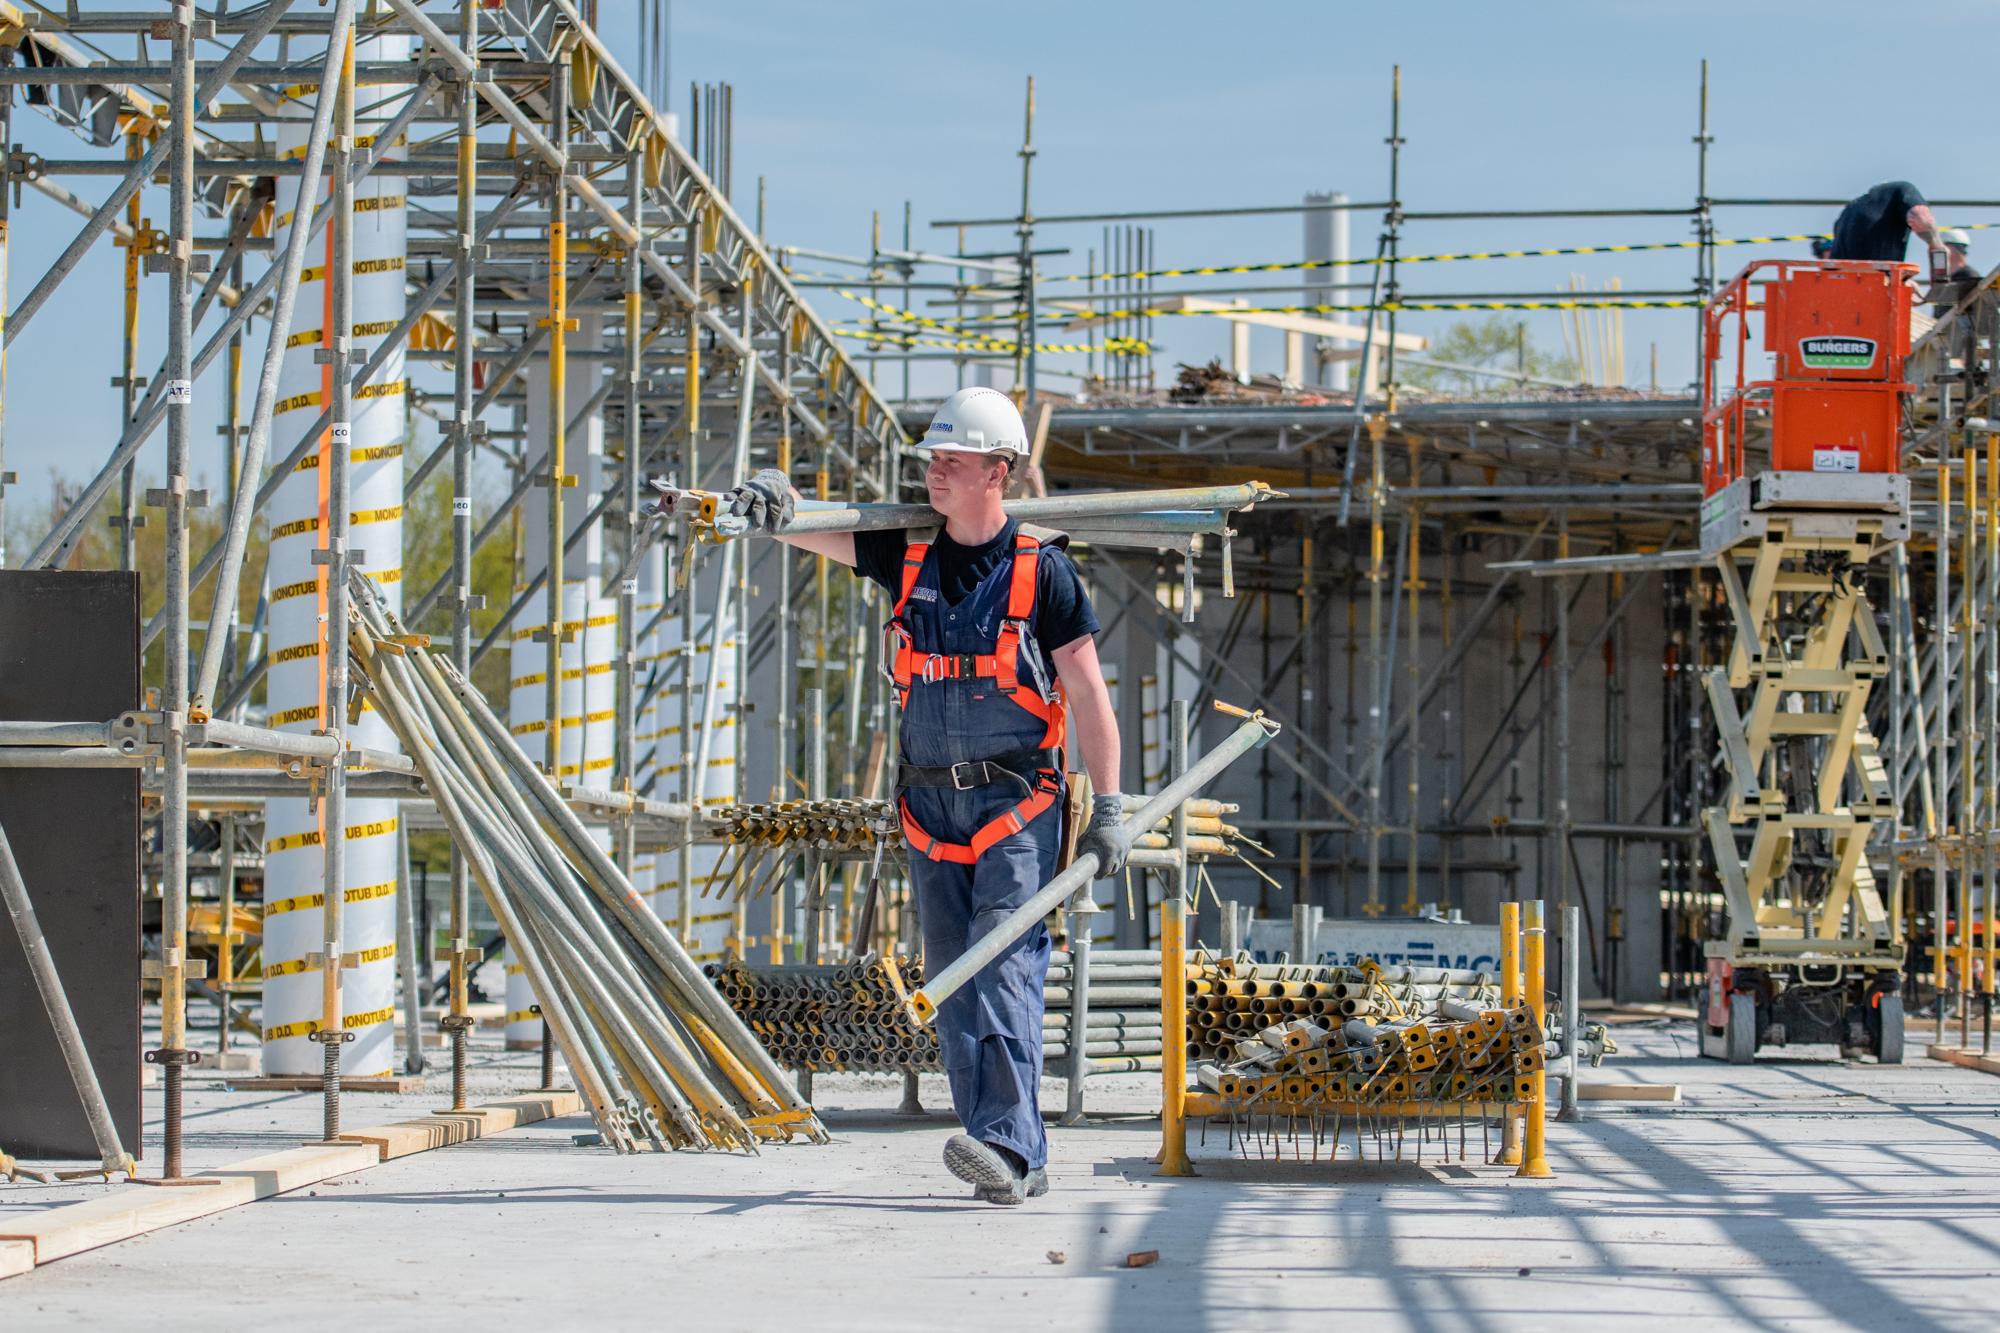 Een bouwvakker loopt op de bouwplaats met steigerbuizen